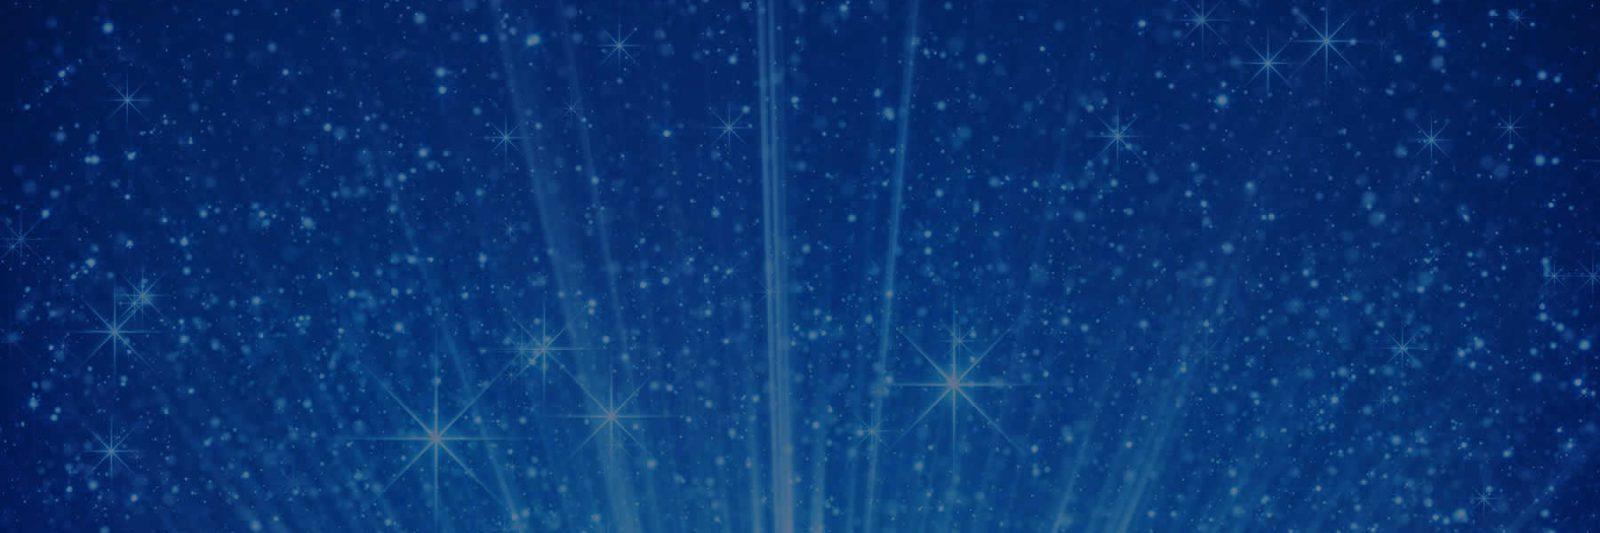 winklers blue stars banner dark